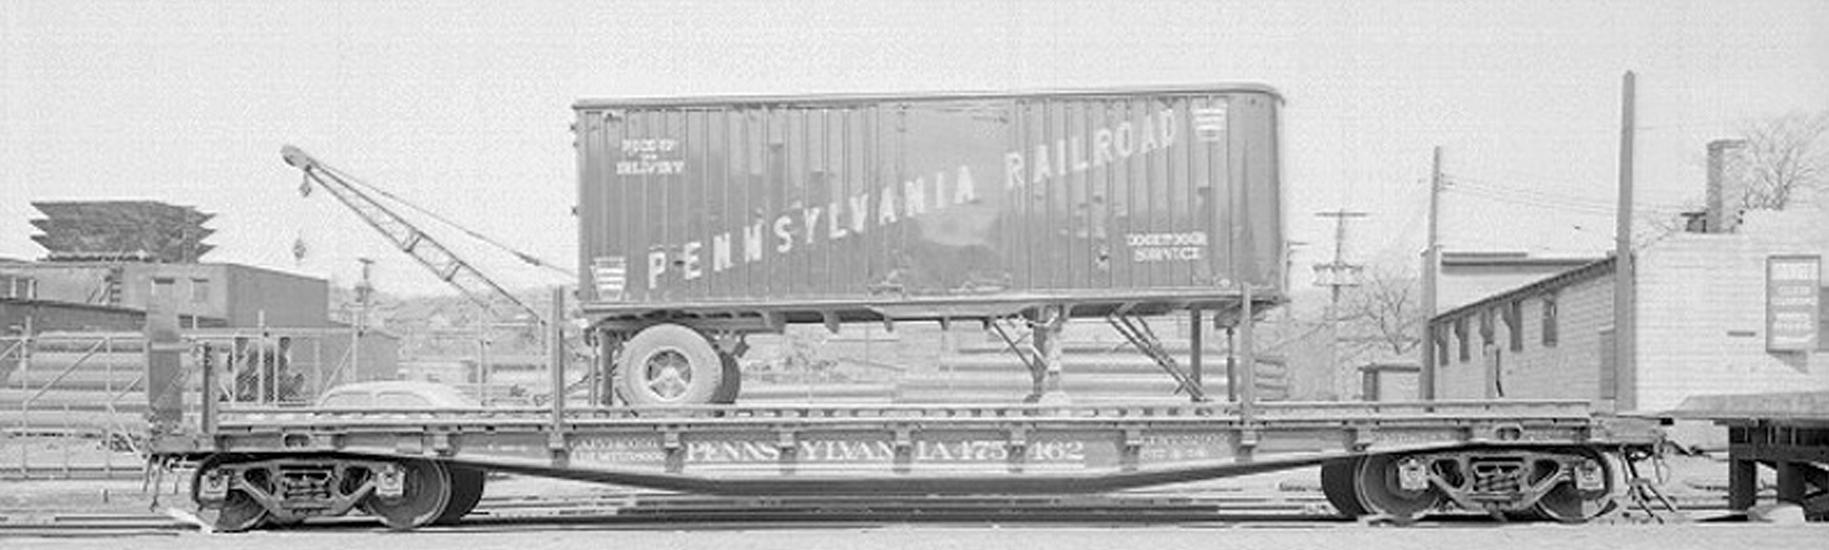 Pennsylvania Railroad car